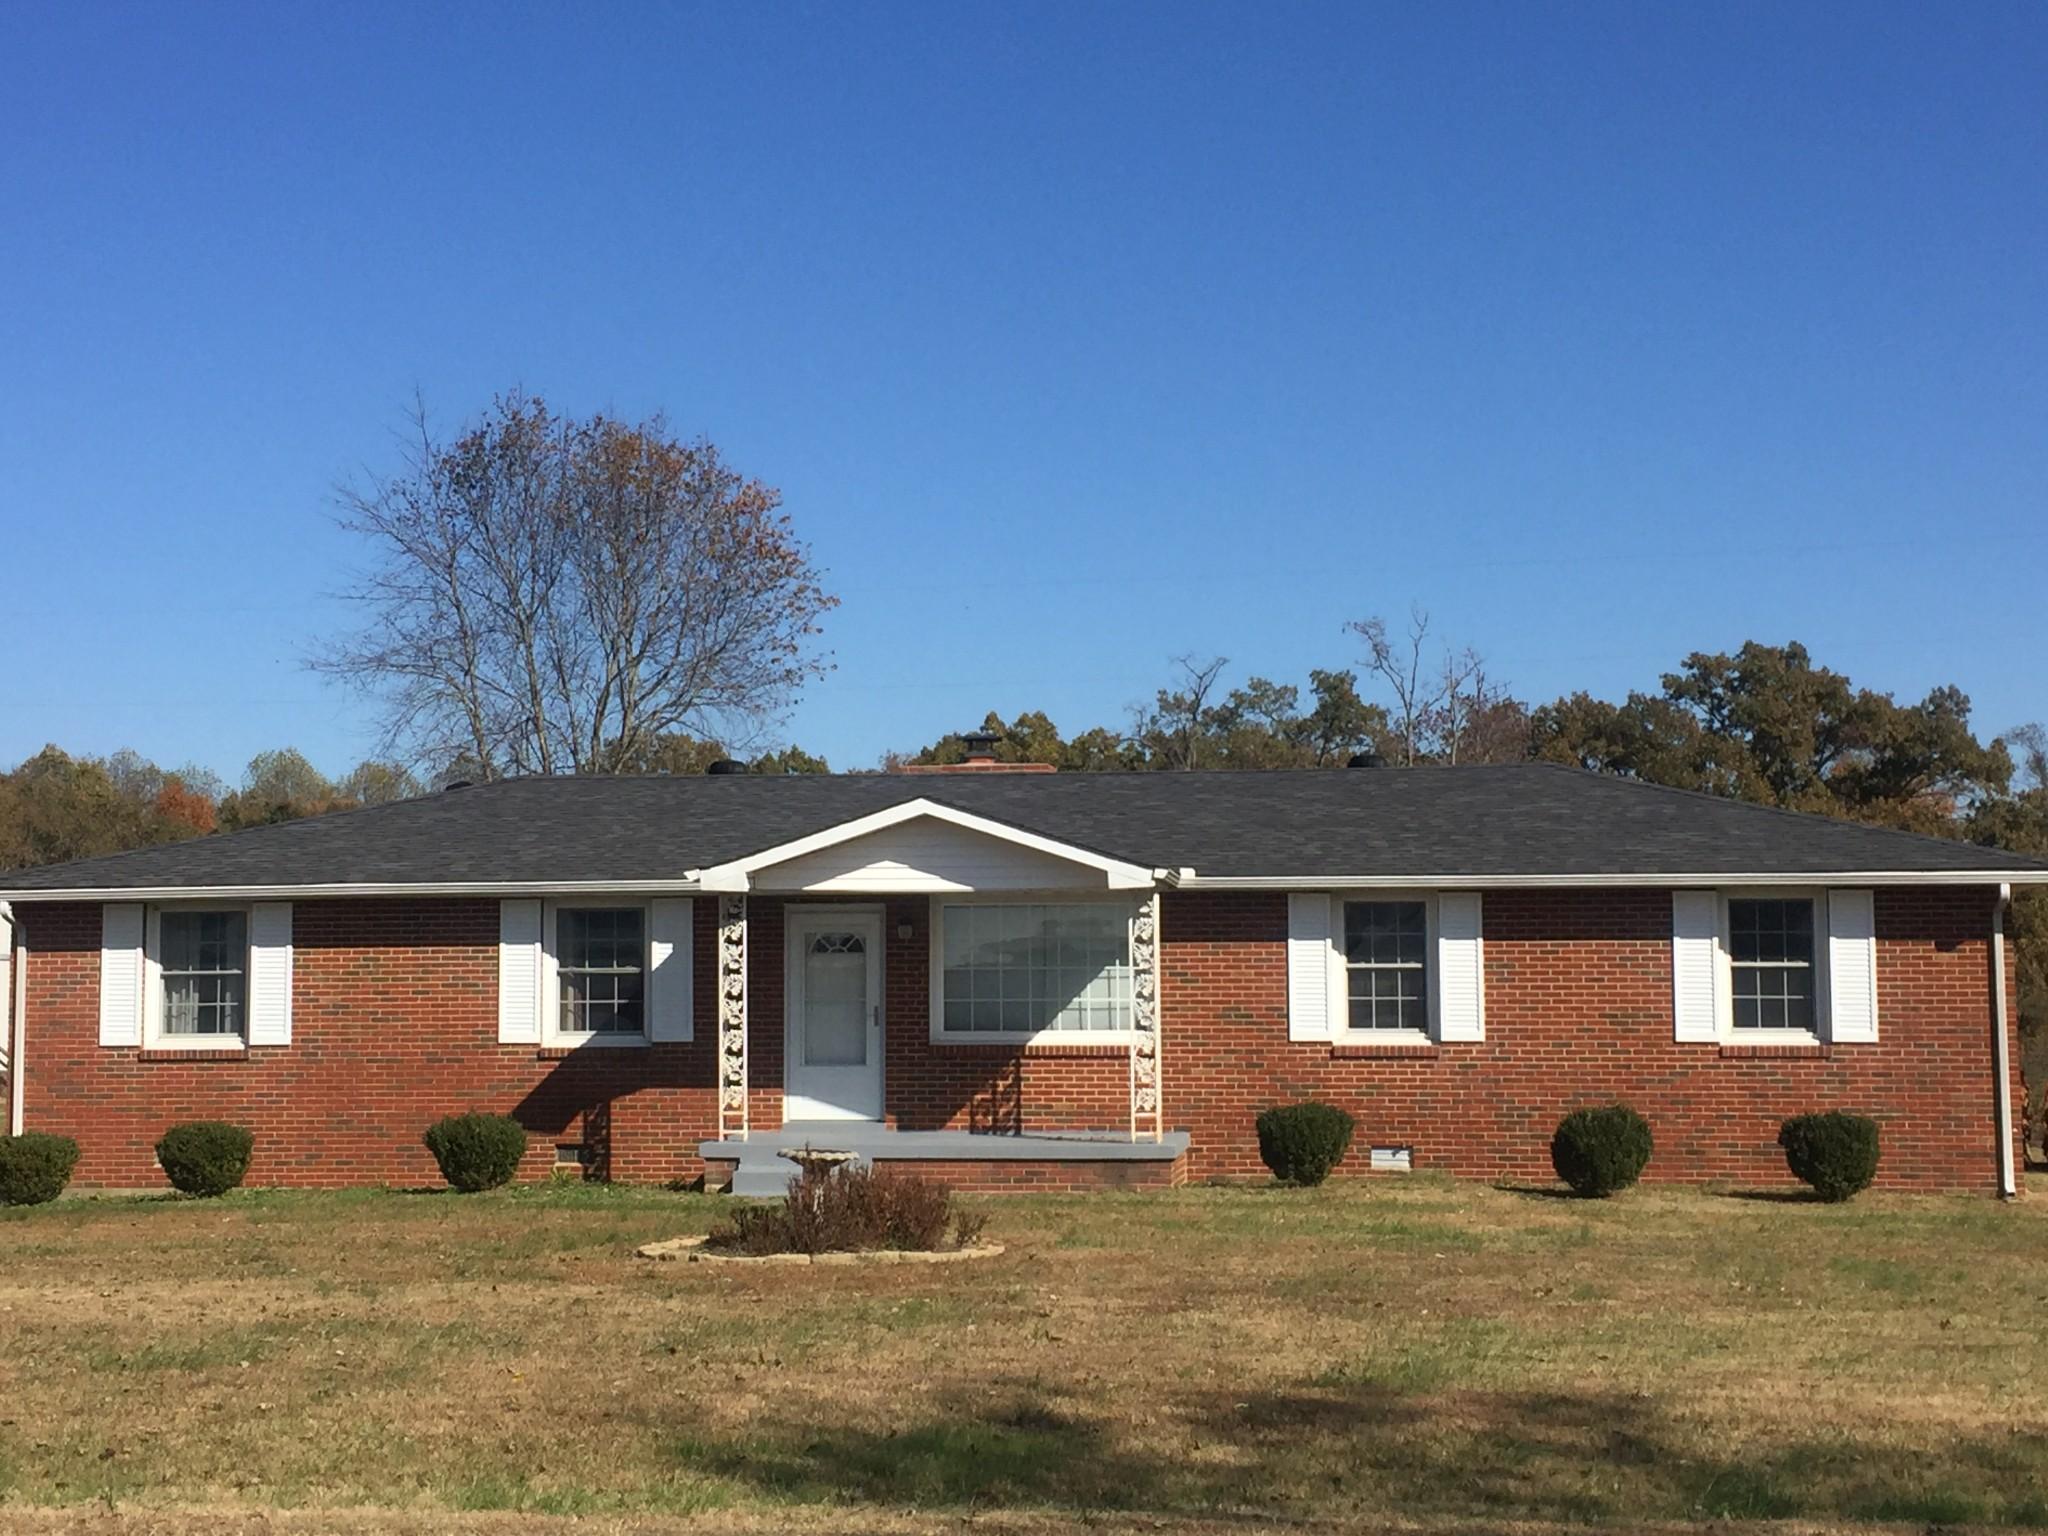 9547 Old Hillsboro Rd, Bon Aqua, TN 37025 - Bon Aqua, TN real estate listing